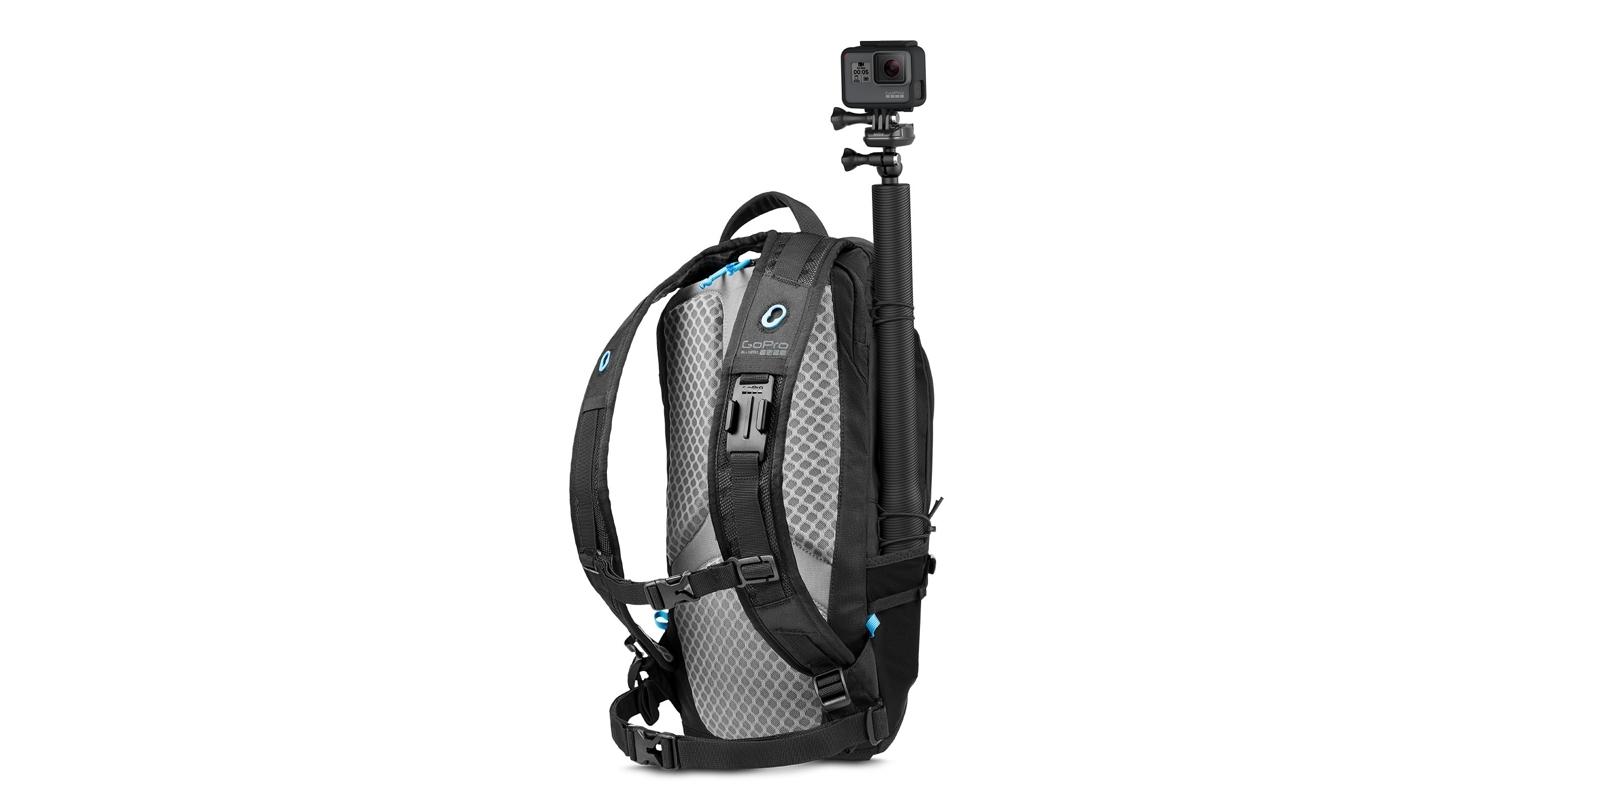 Монопод телескопический GoPro El Grande 97 см (AGXTS-001) в рюкзаке